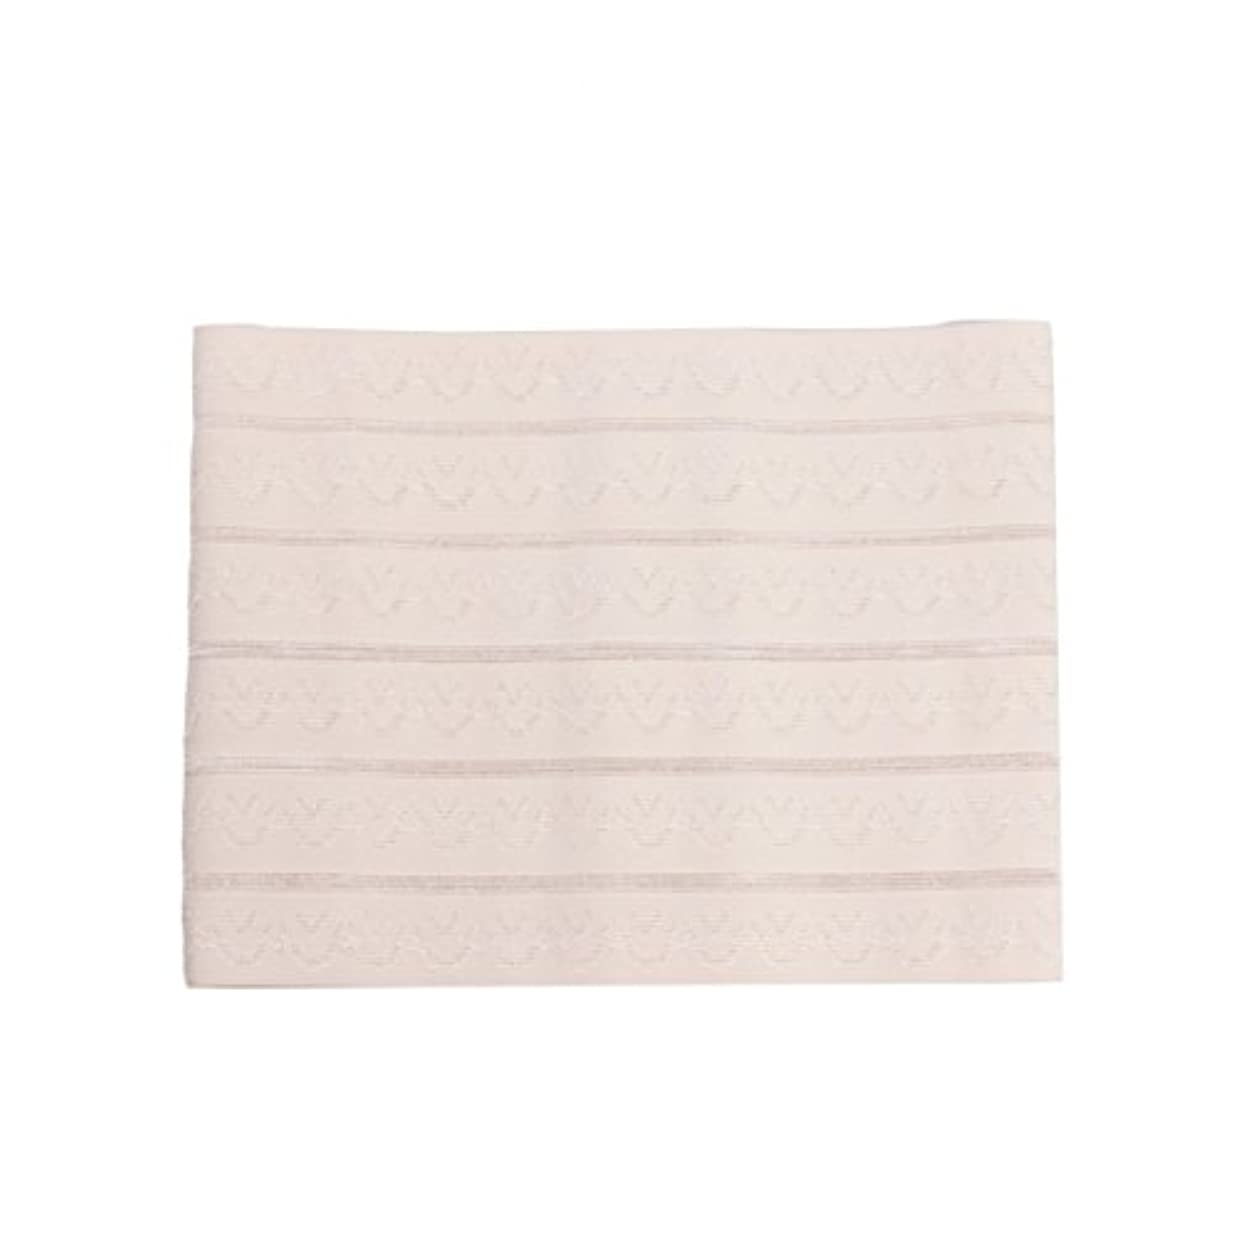 ミニチュア郵便物ベッドを作るウエストダイエットボディスリムシェイパー産後回復コルセットベルト通気性快適な女性ウエストベリーブレースサポート